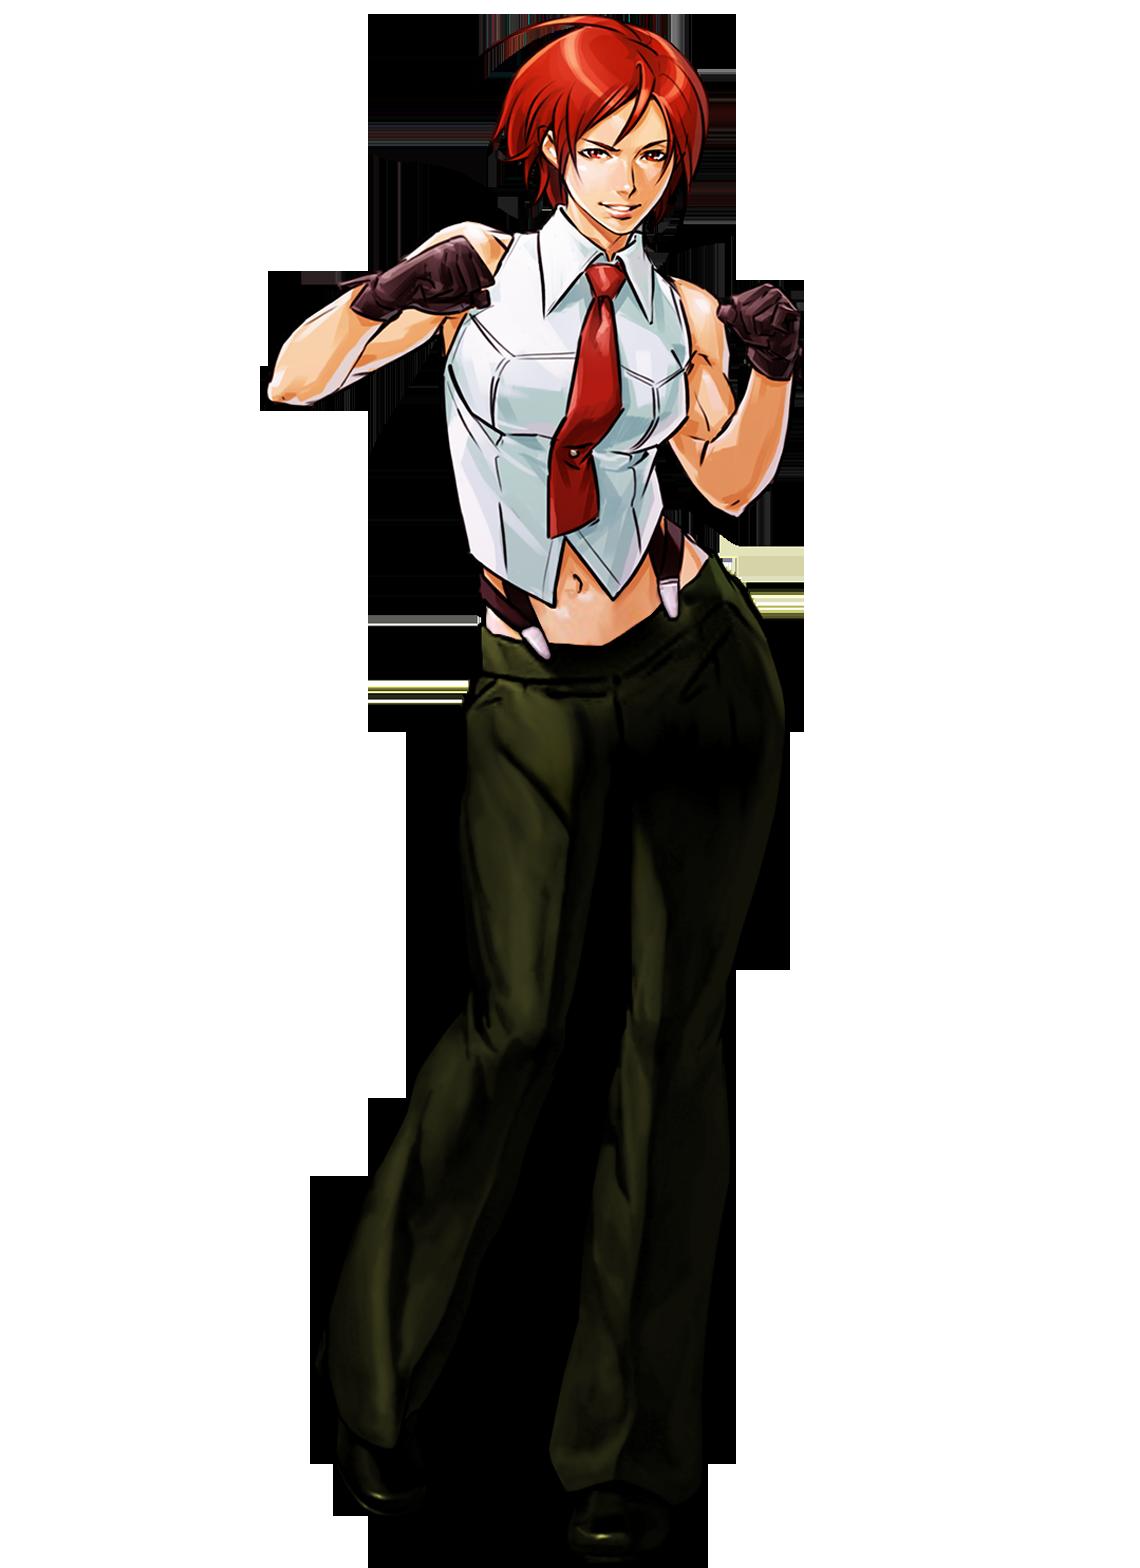 Vanessa Cdz Personagens Jovens Titas